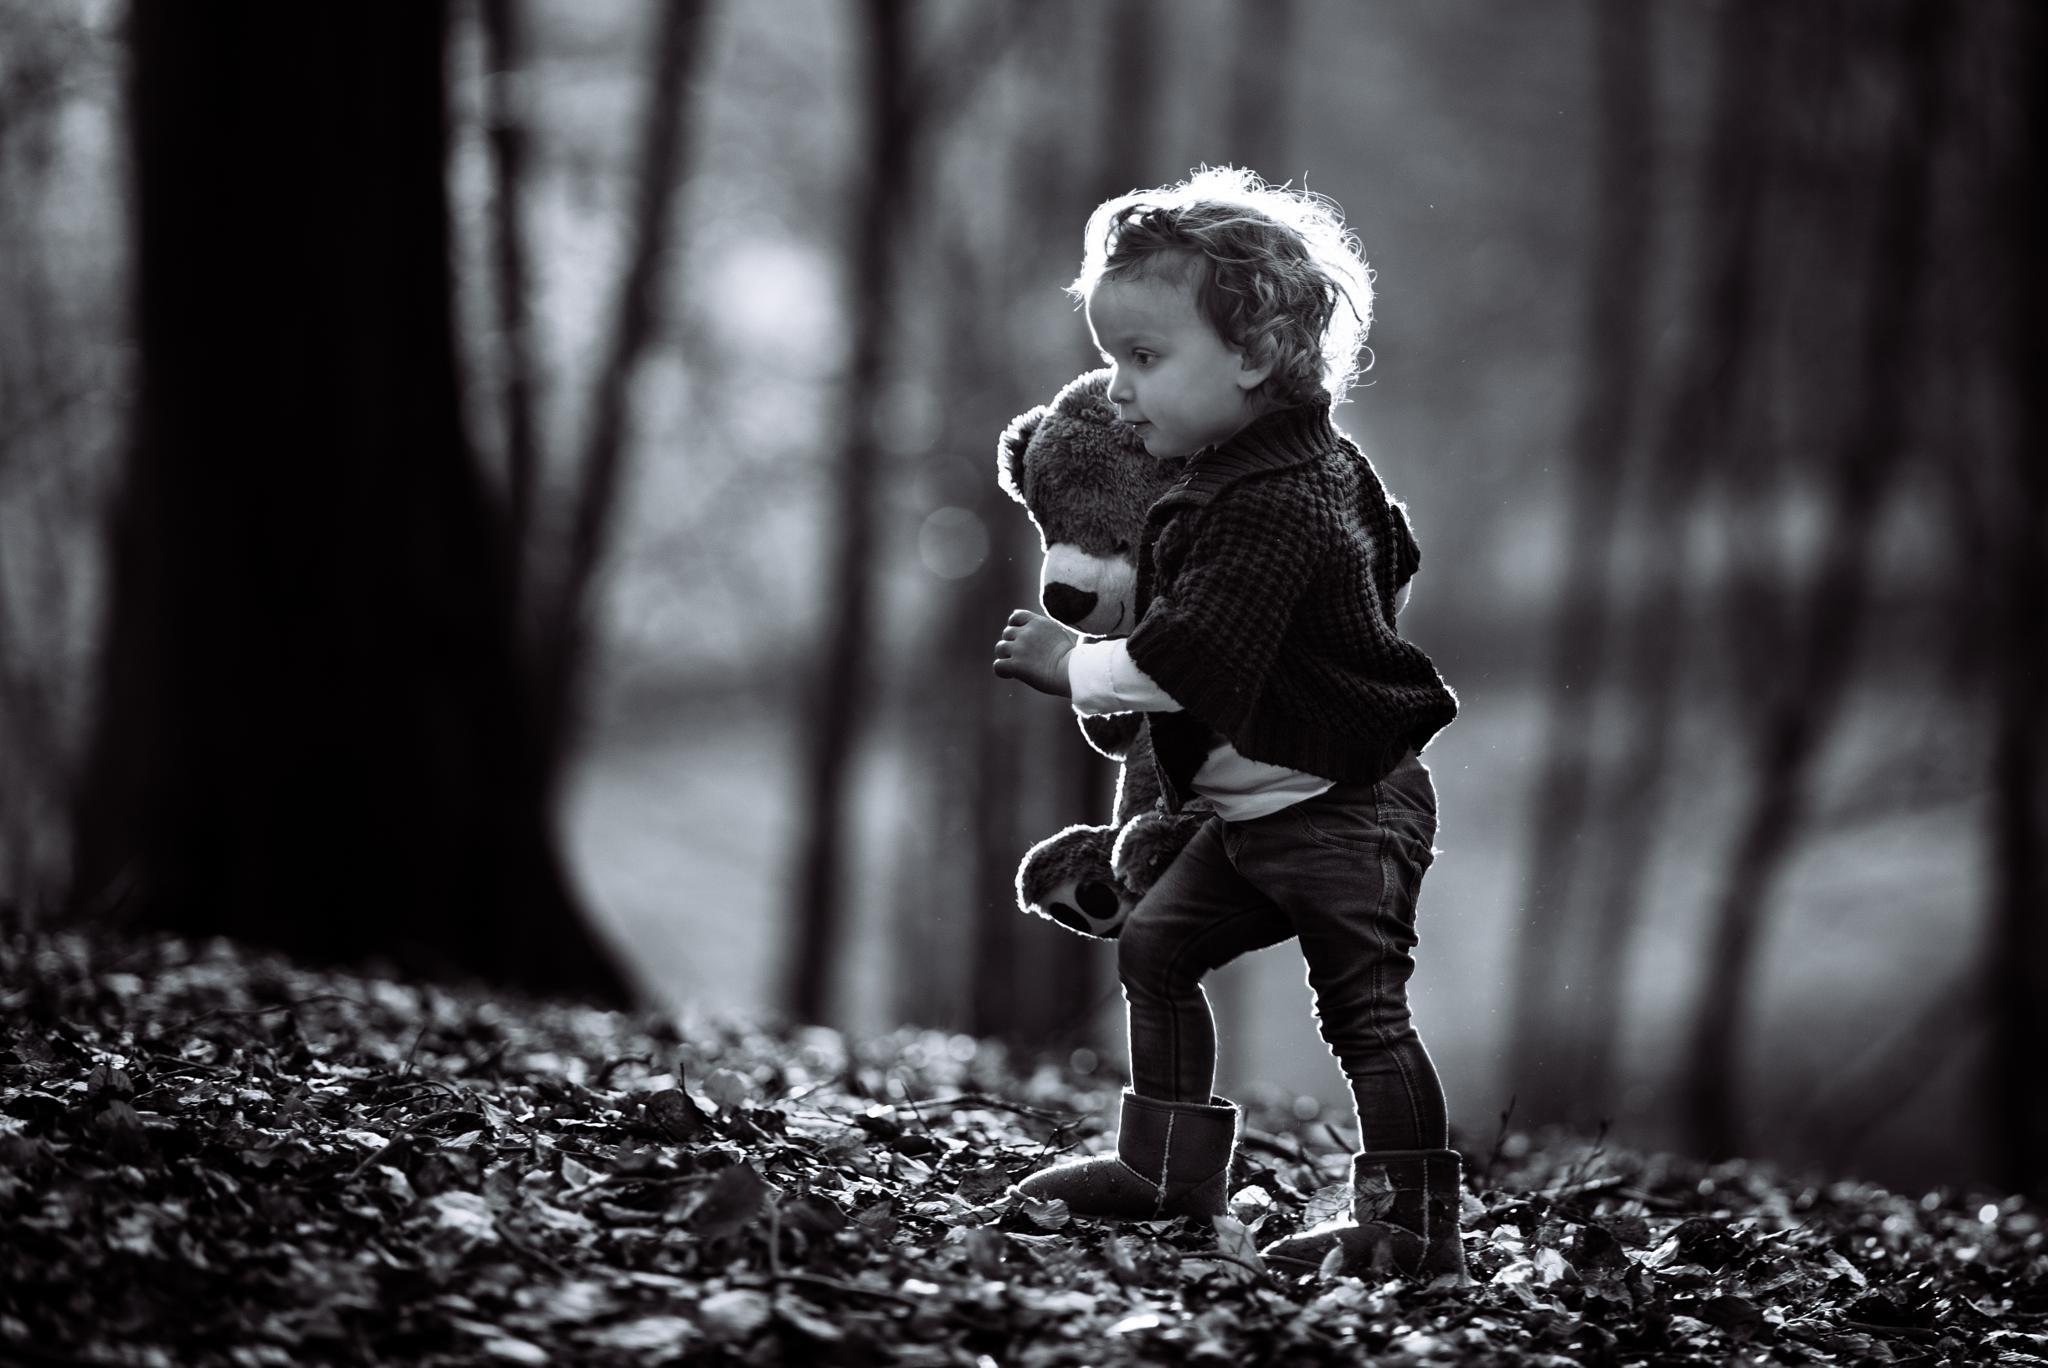 Little Explorer by Ralph Kloppenborg